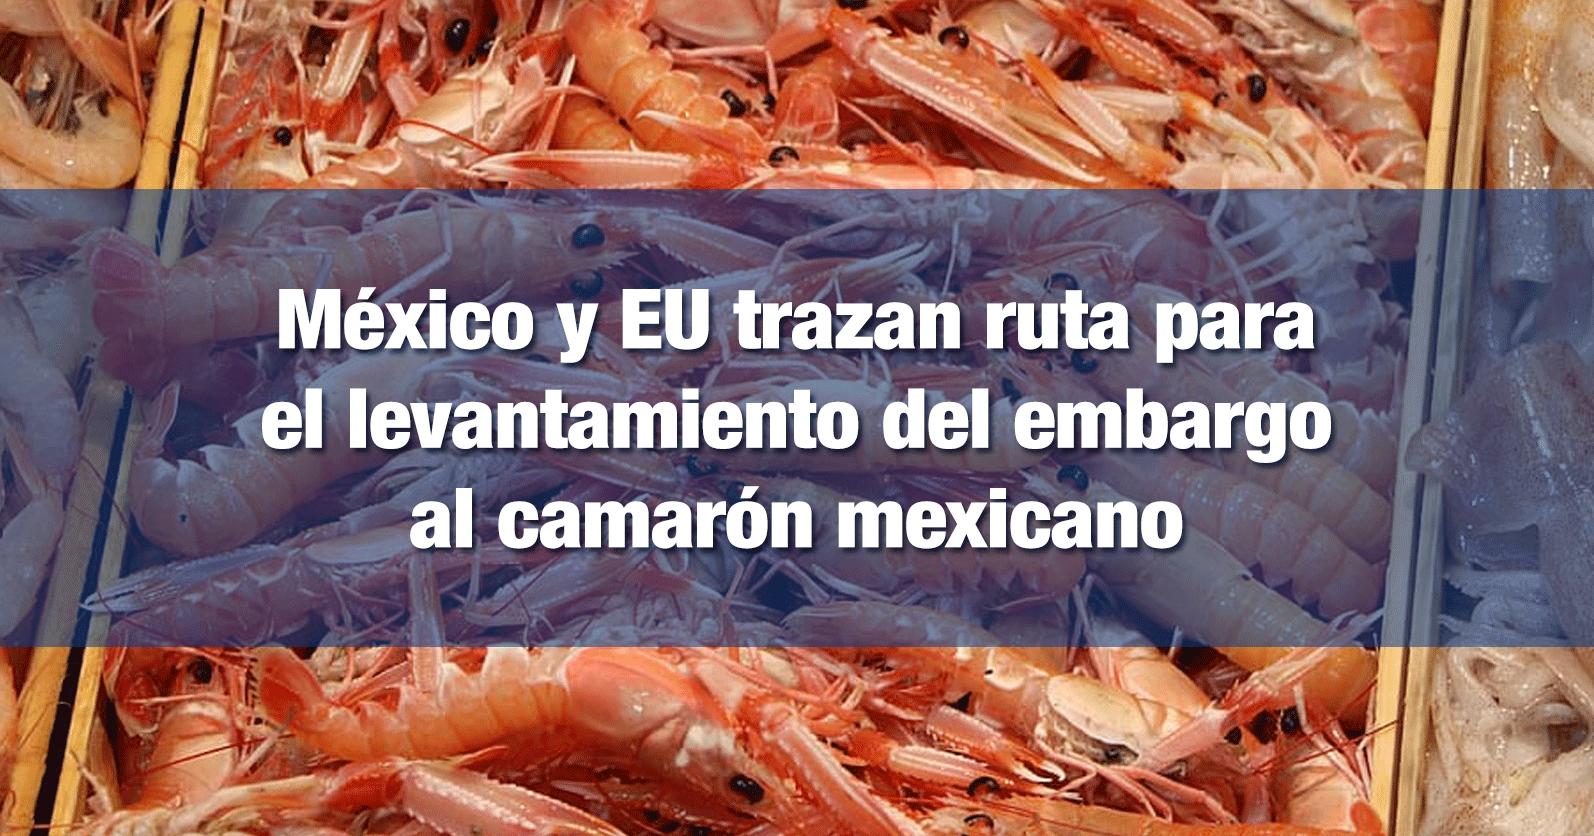 México y EU trazan ruta para el levantamiento del embargo al camarón mexicano